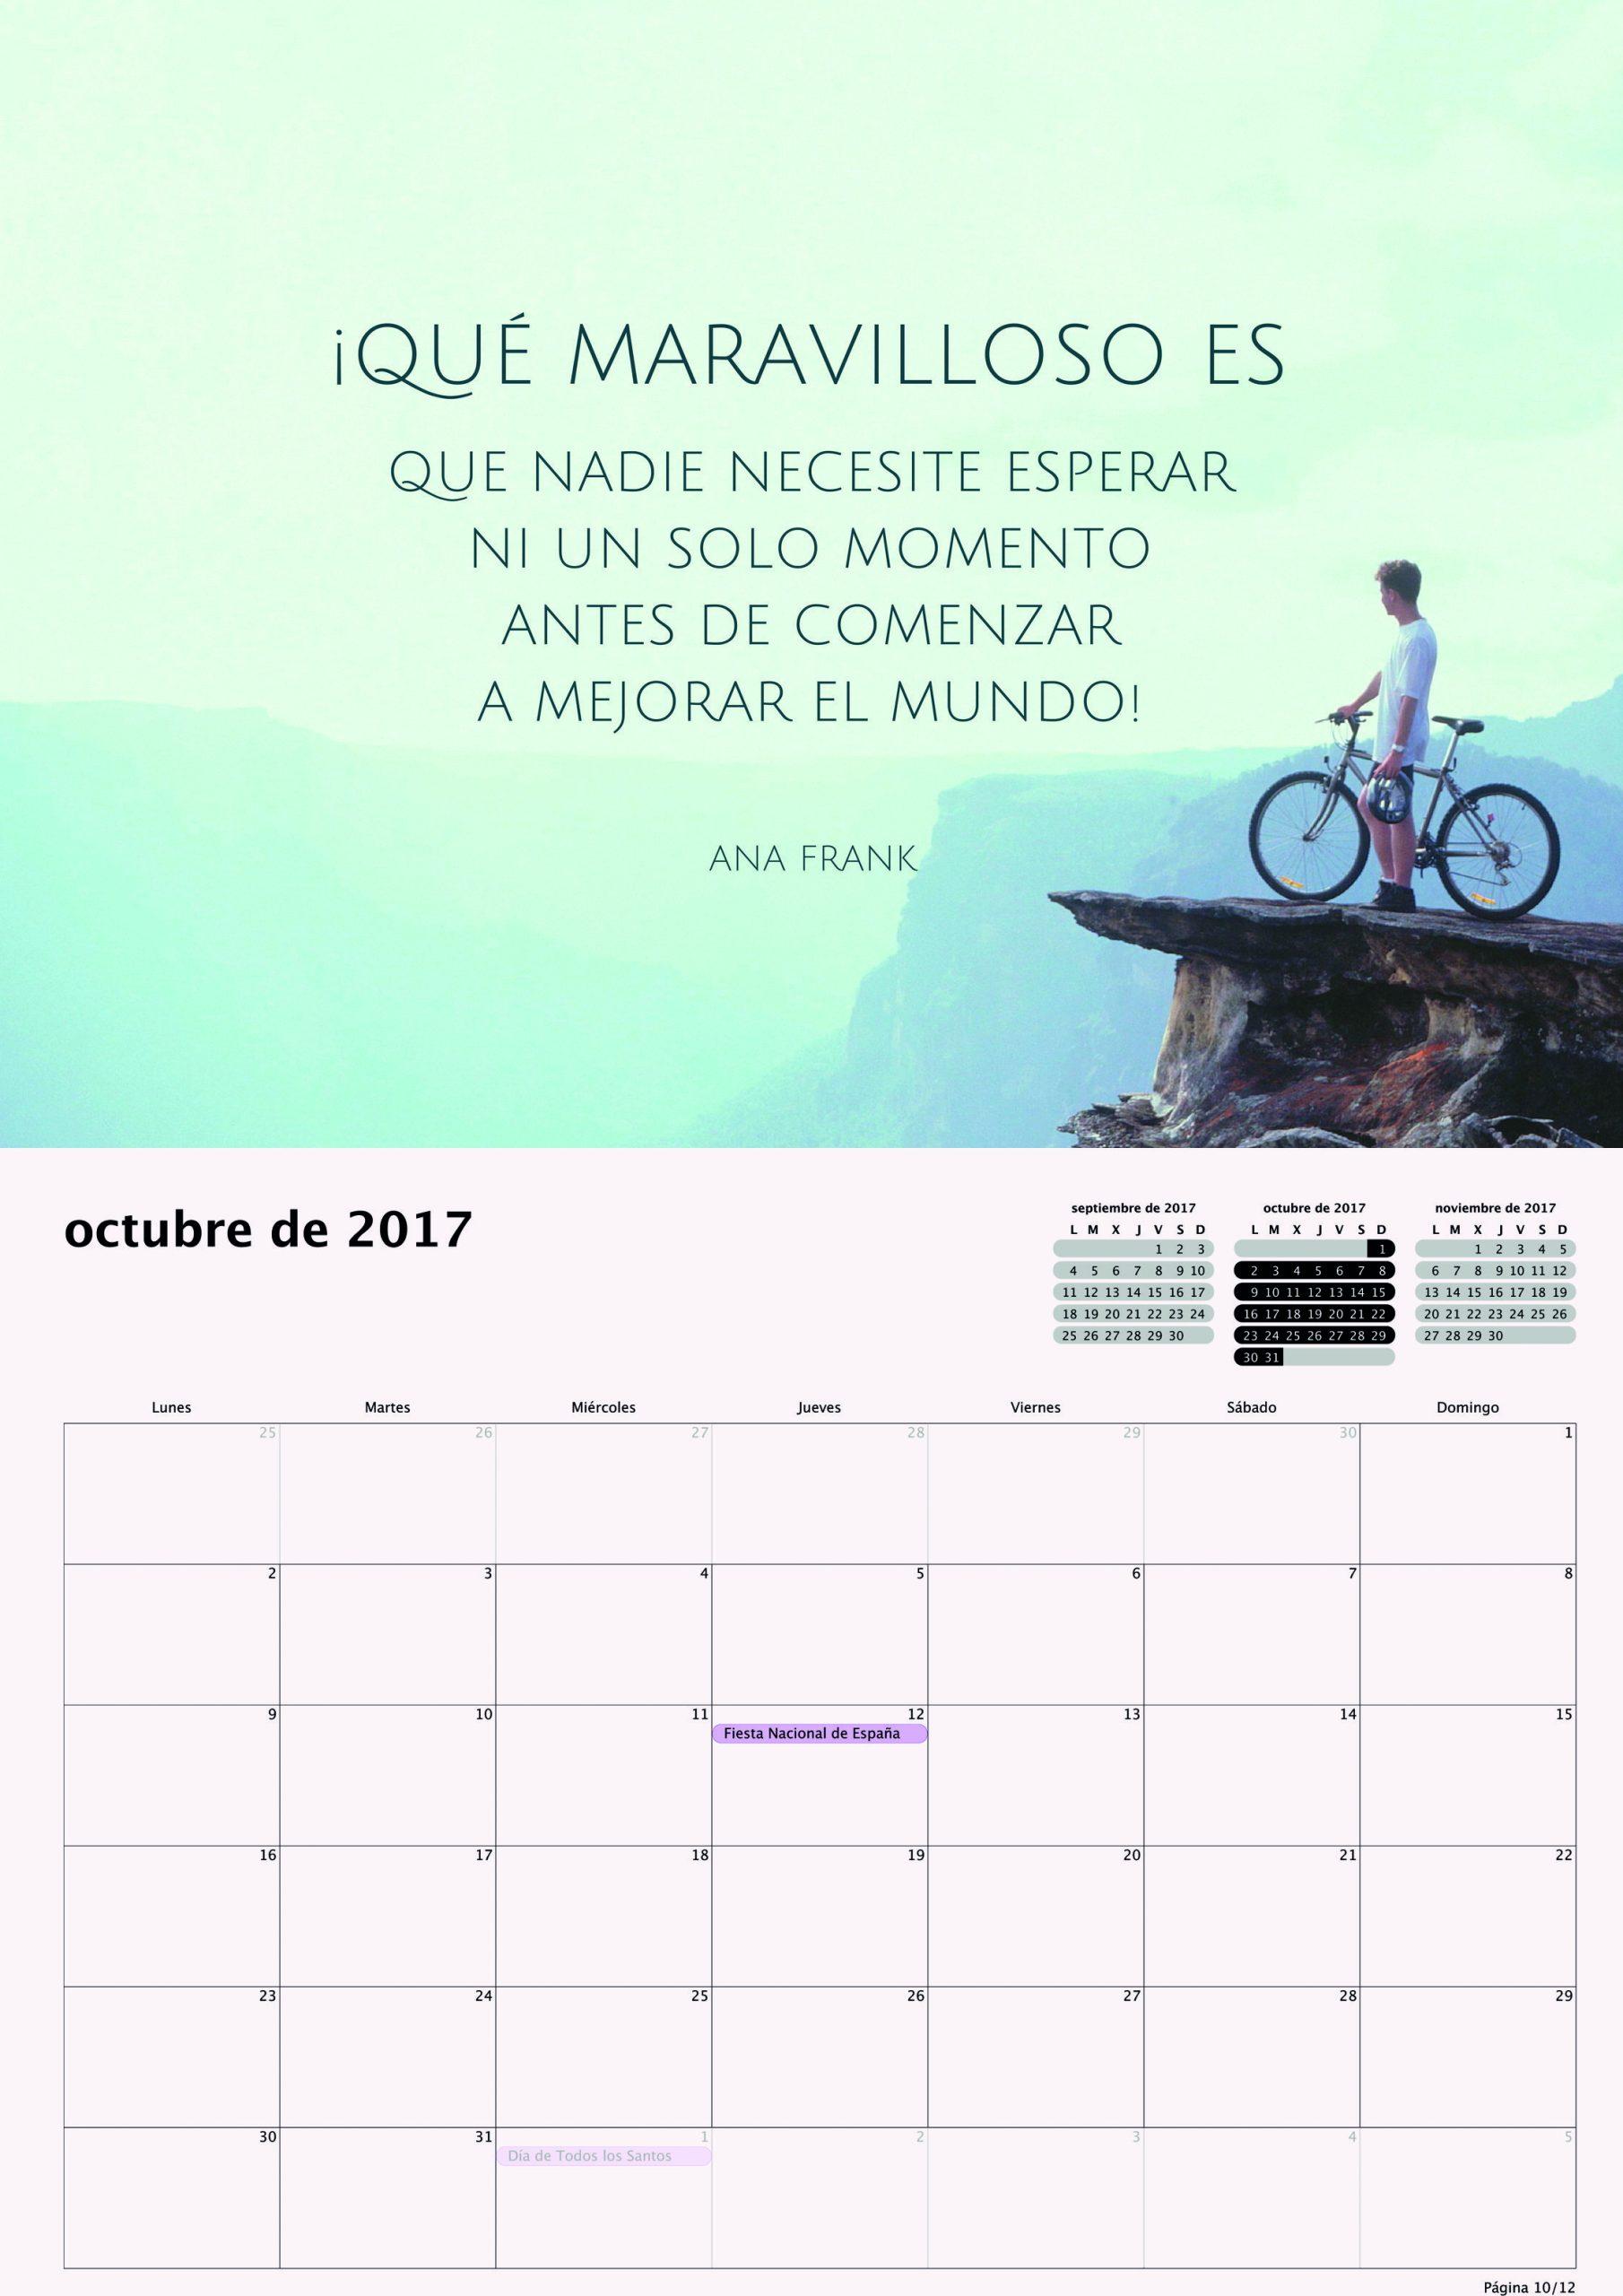 Calendario 2017 para Pequeños Saltamontes - Octubre